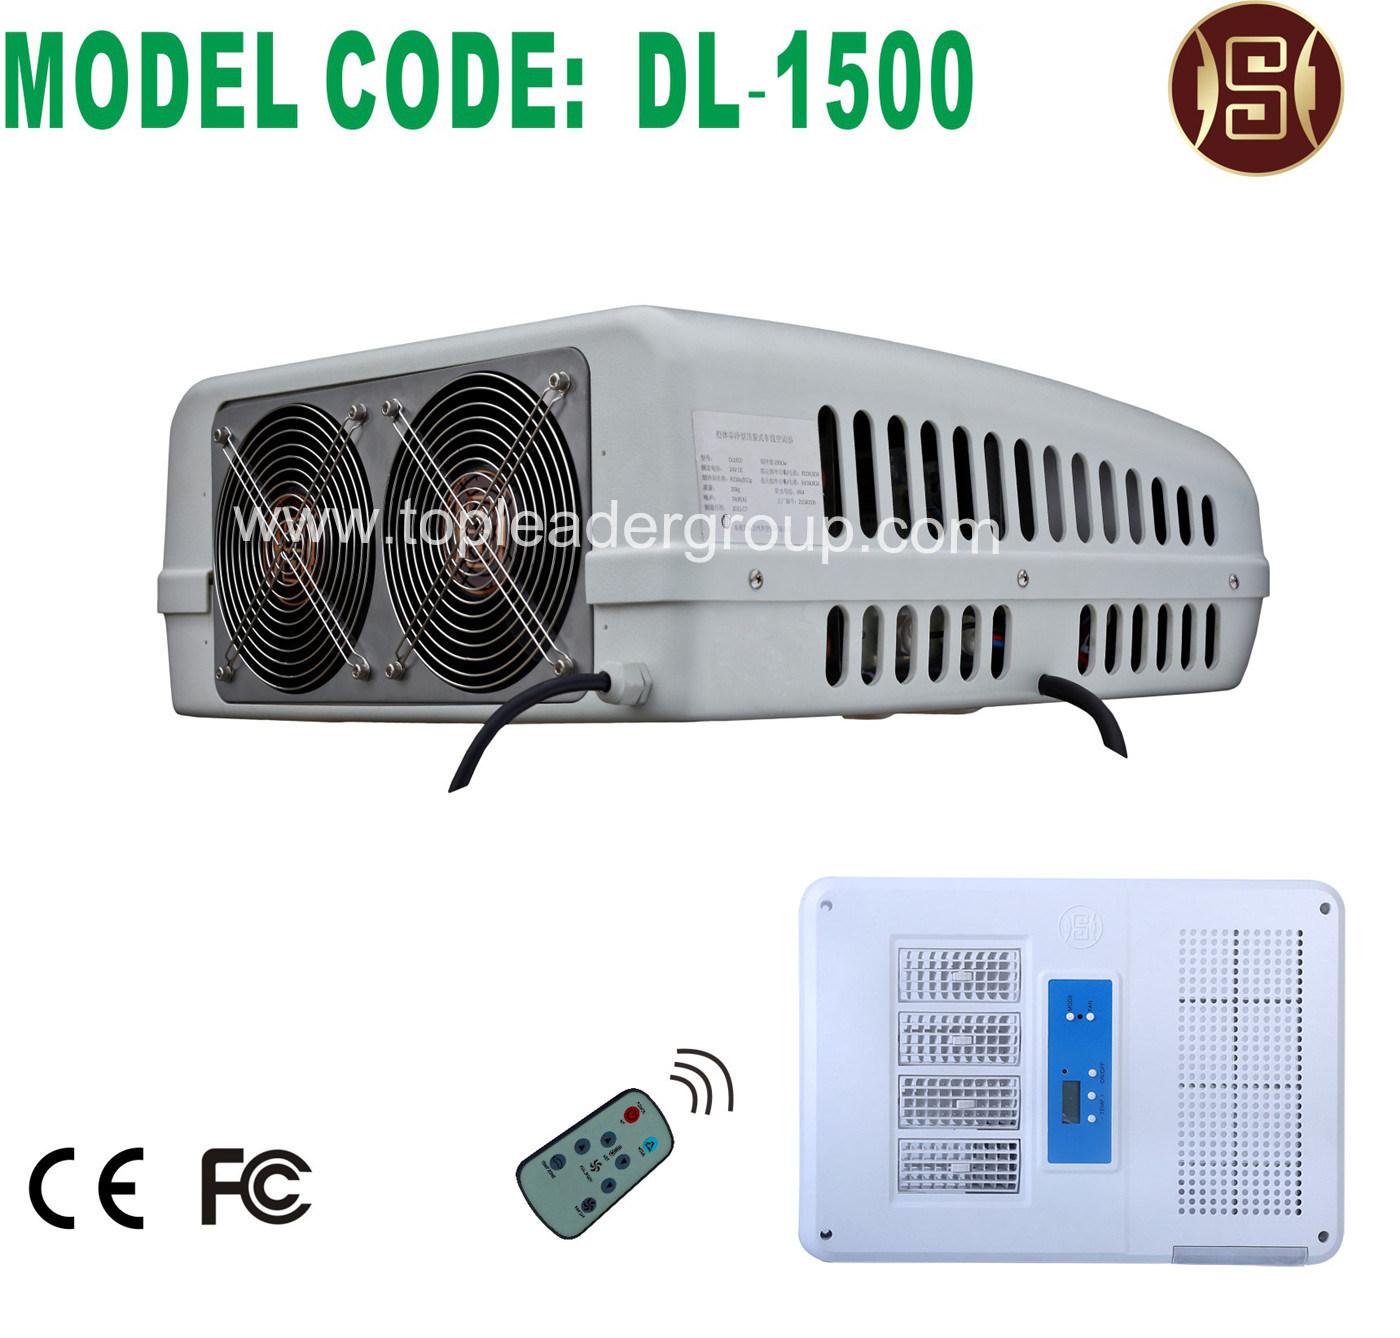 acondicionador de aire auto 24 vdc dl 1500 acondicionador de aire auto 24 vdc dl 1500. Black Bedroom Furniture Sets. Home Design Ideas